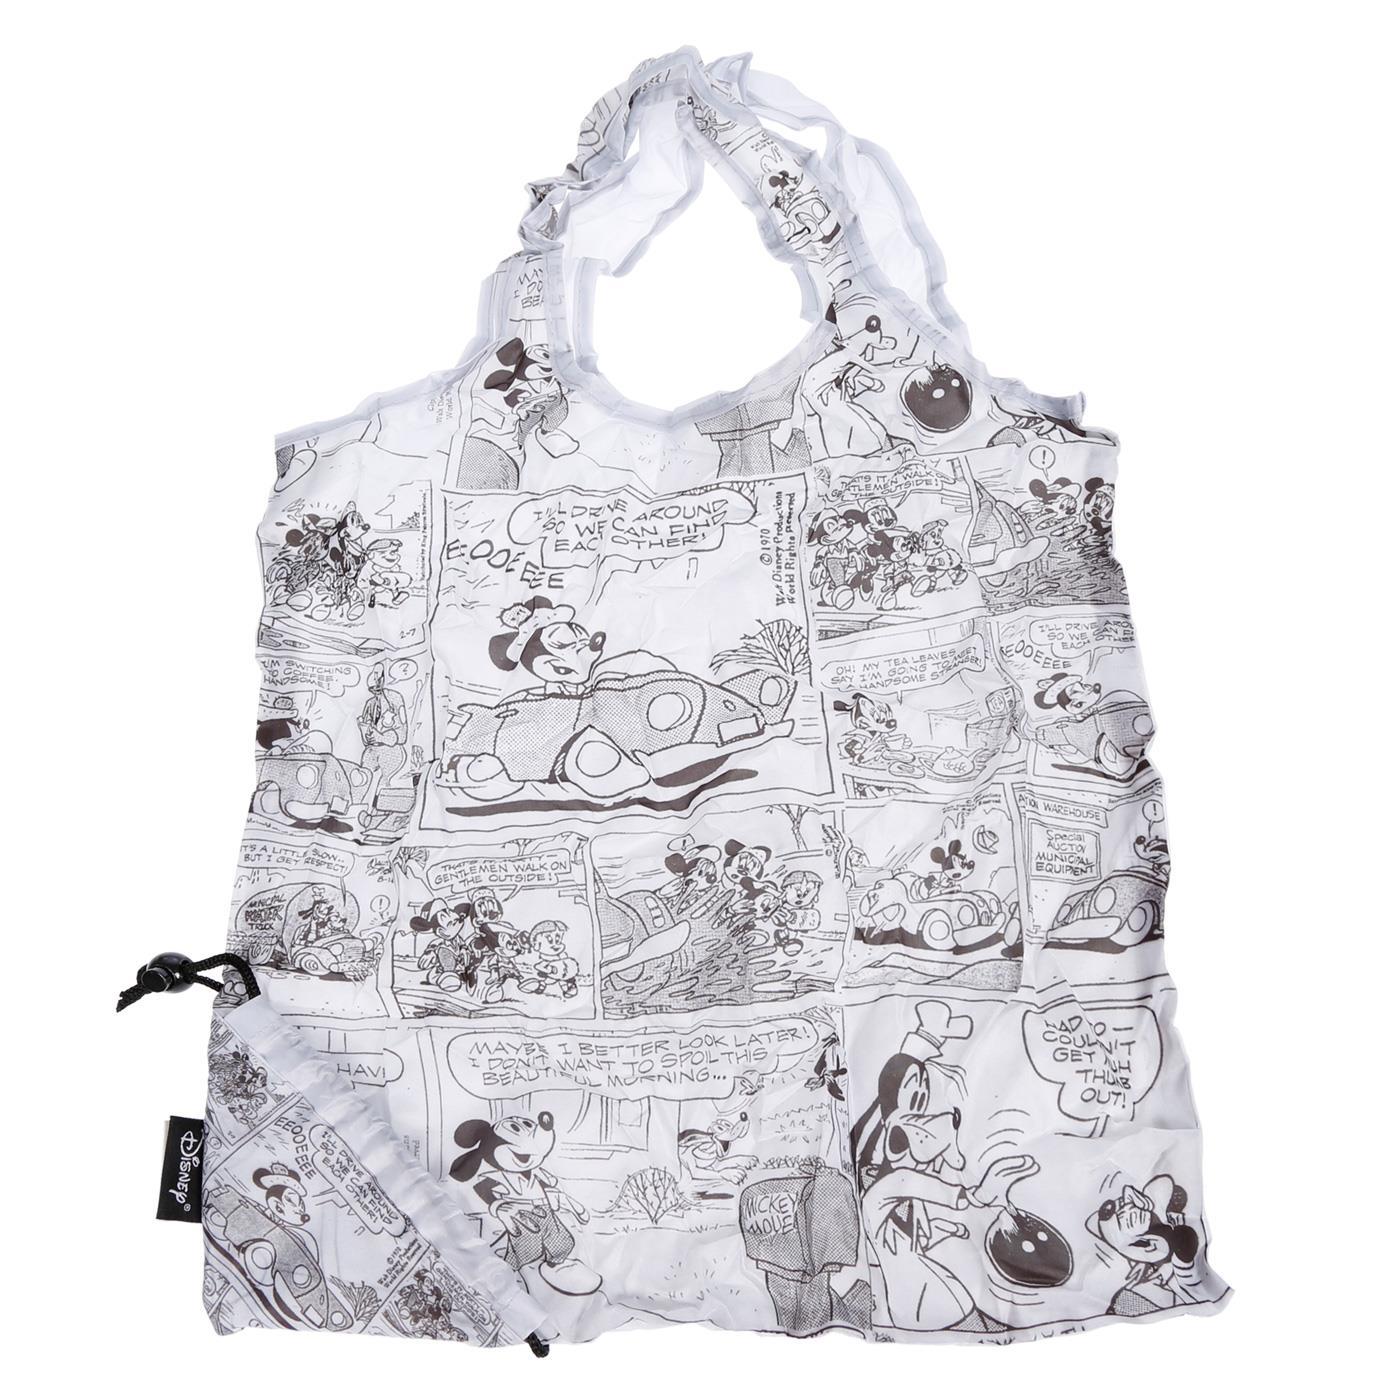 Faltbare Einkaufstasche Walt Disney Mickey Mouse Einkaufsbeutel Tasche Shopper